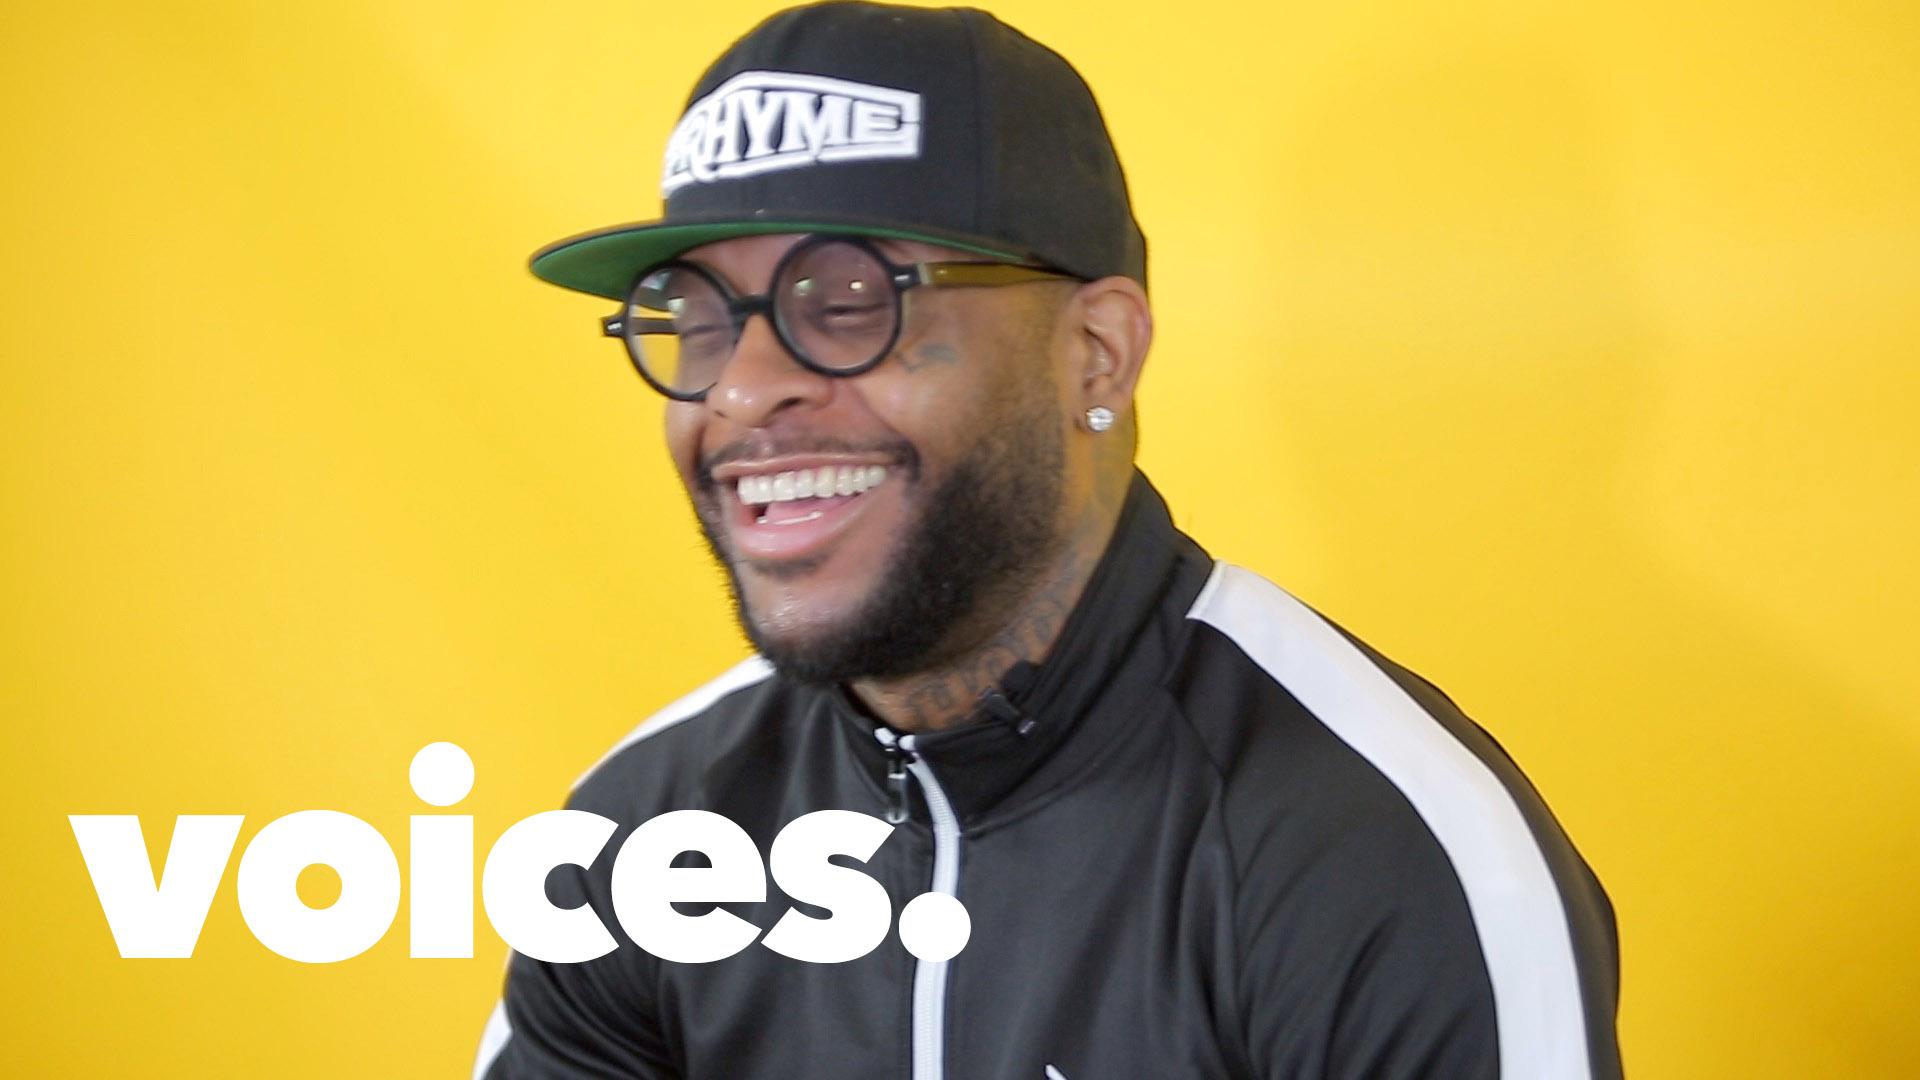 Voices Royce Da 5'9